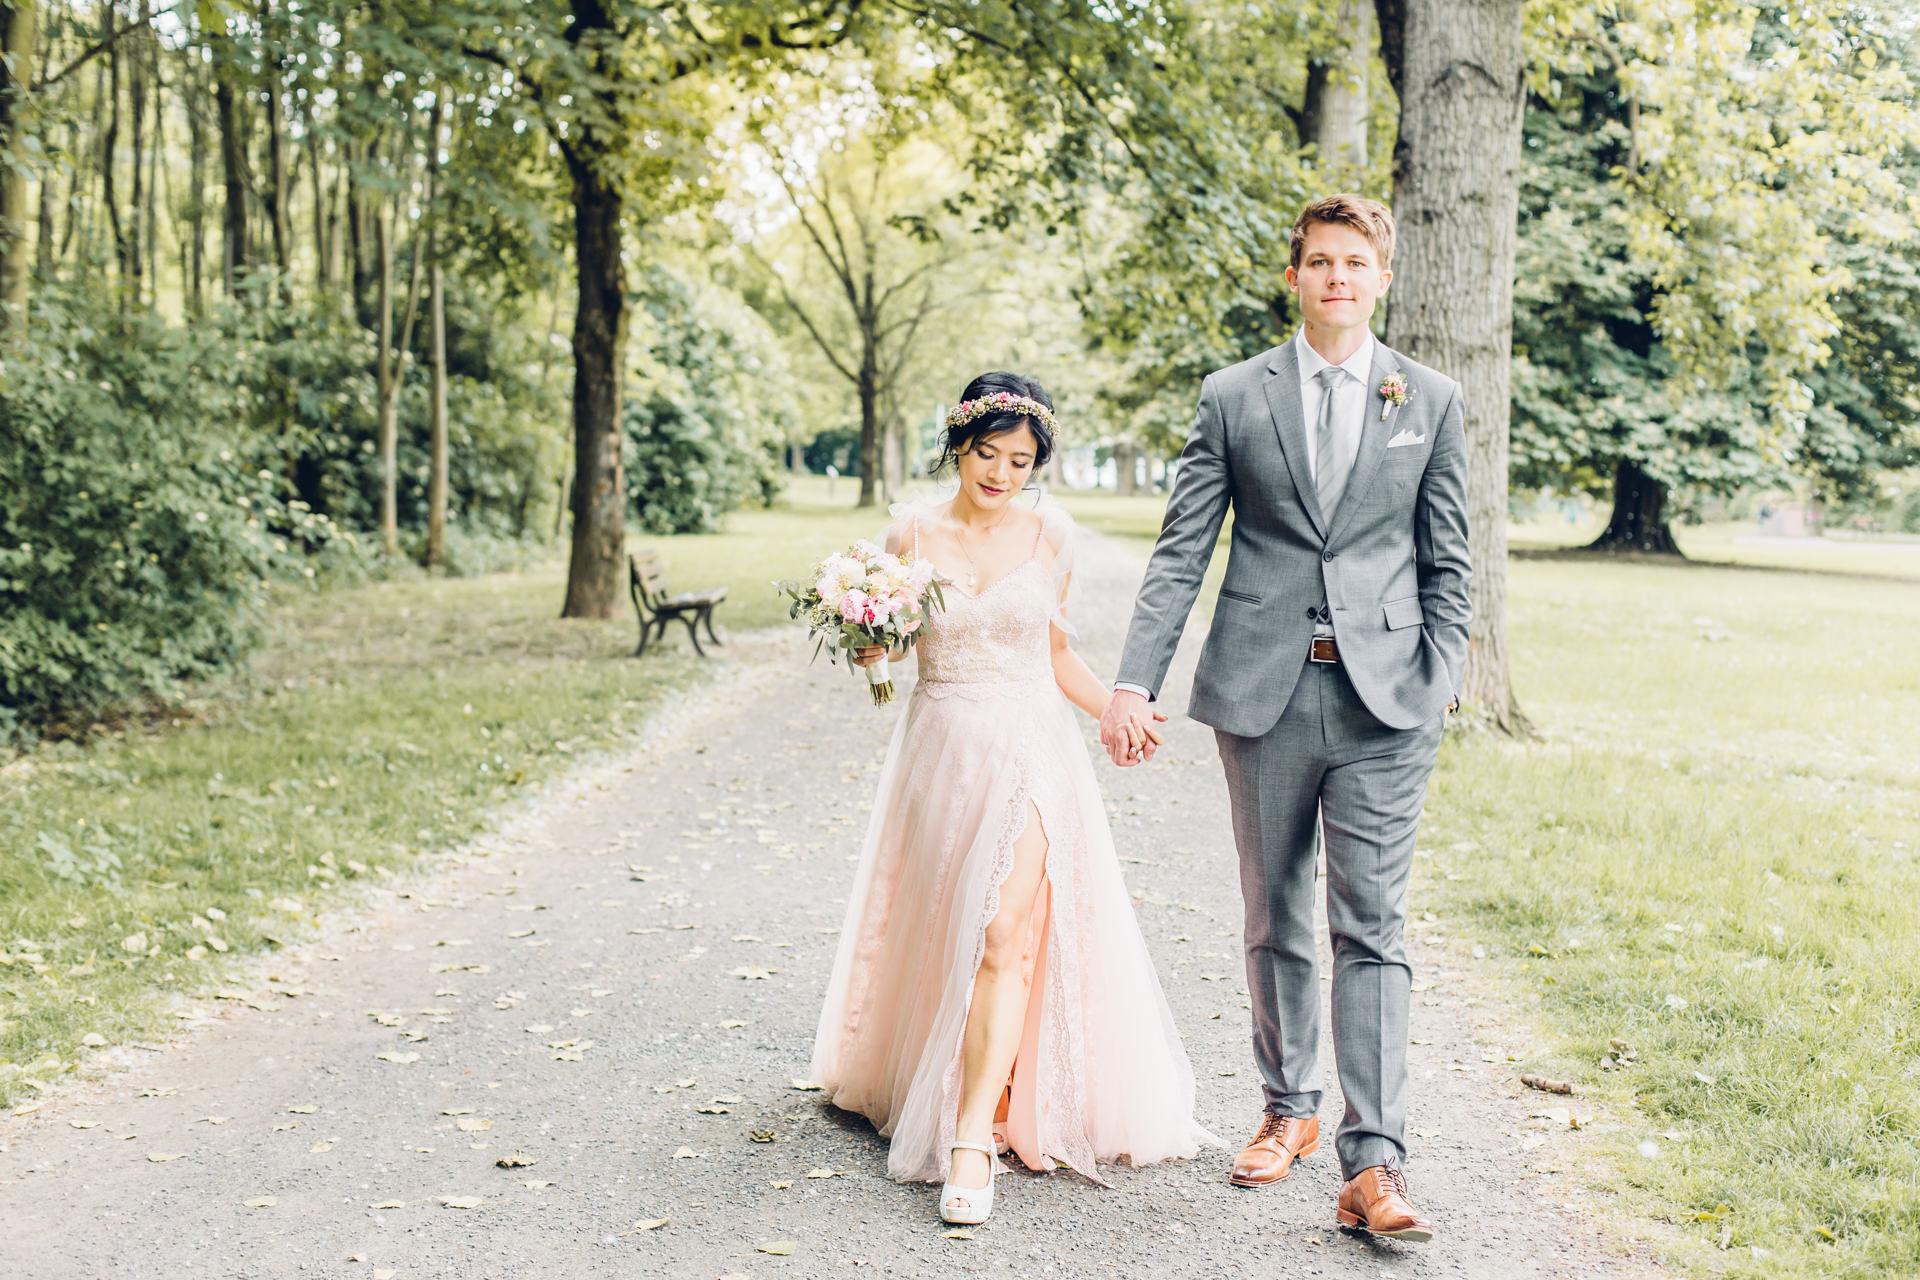 Brautpaar auf dem Weg zur Hochzeit in die Gerbermuehle in Frankfurt